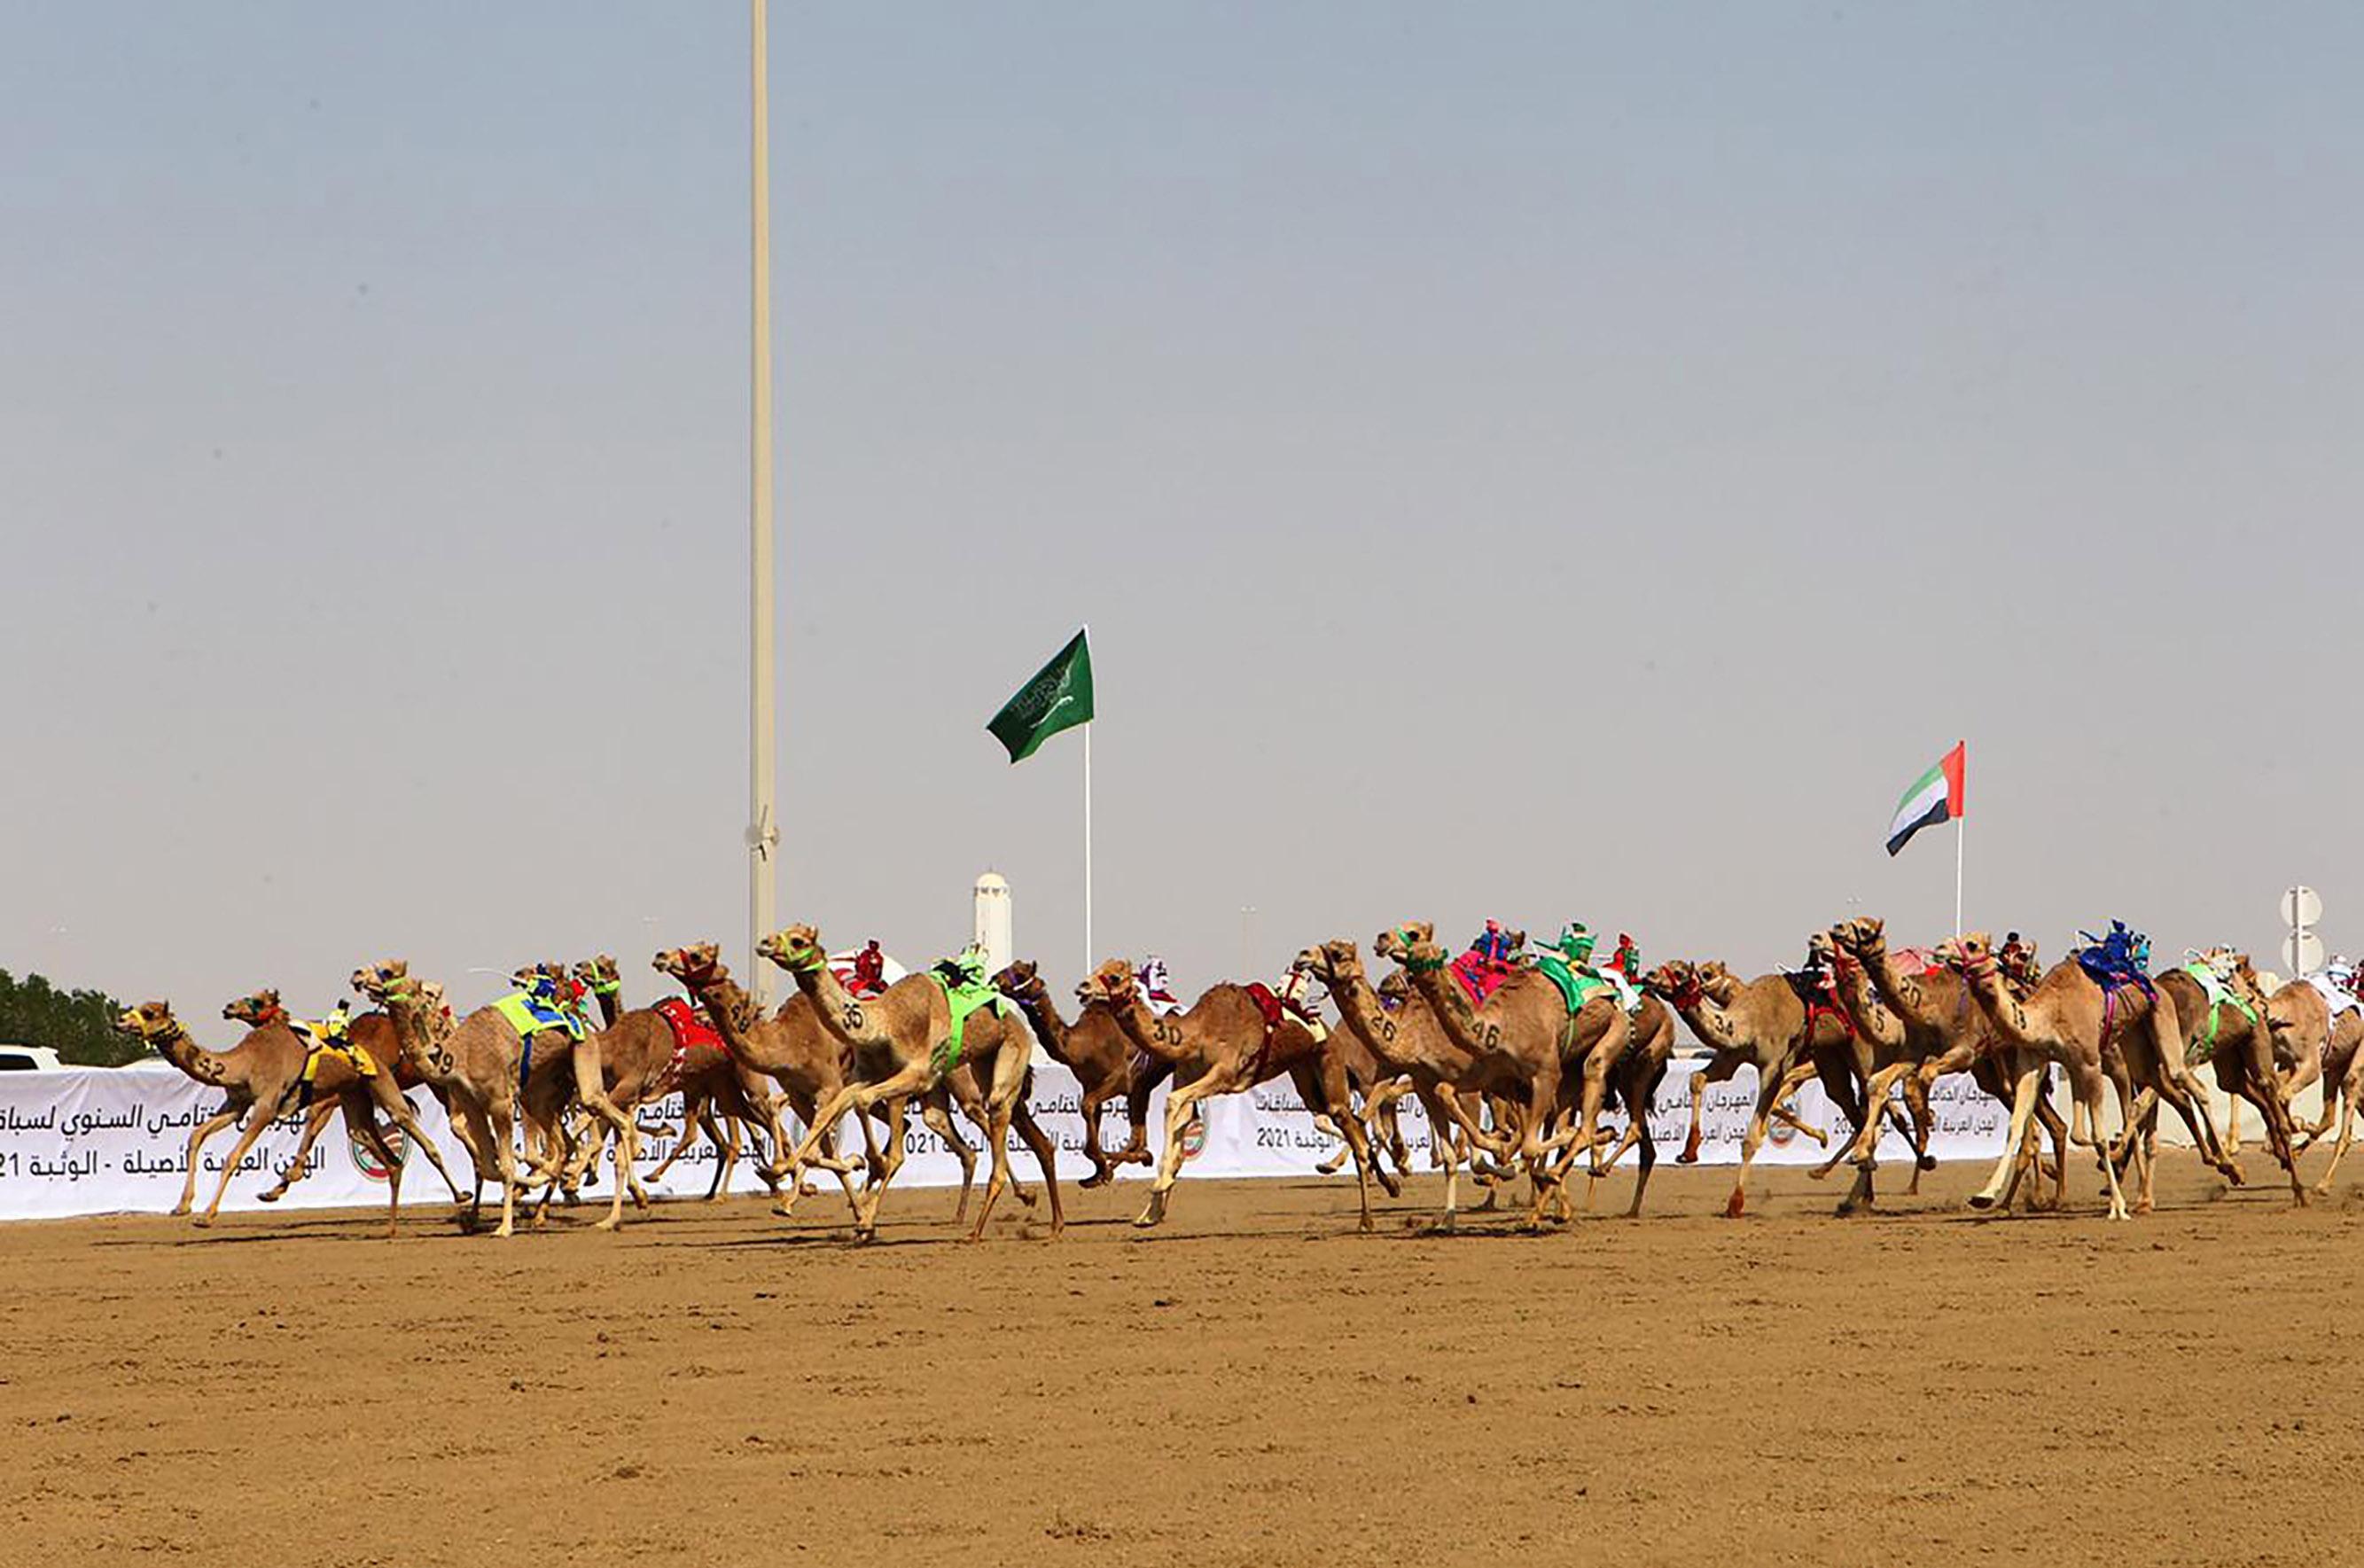 سلطان بن حمدان يشهد انطلاقة منافسات المهرجان الختامي السنوي لسباقات الهجن